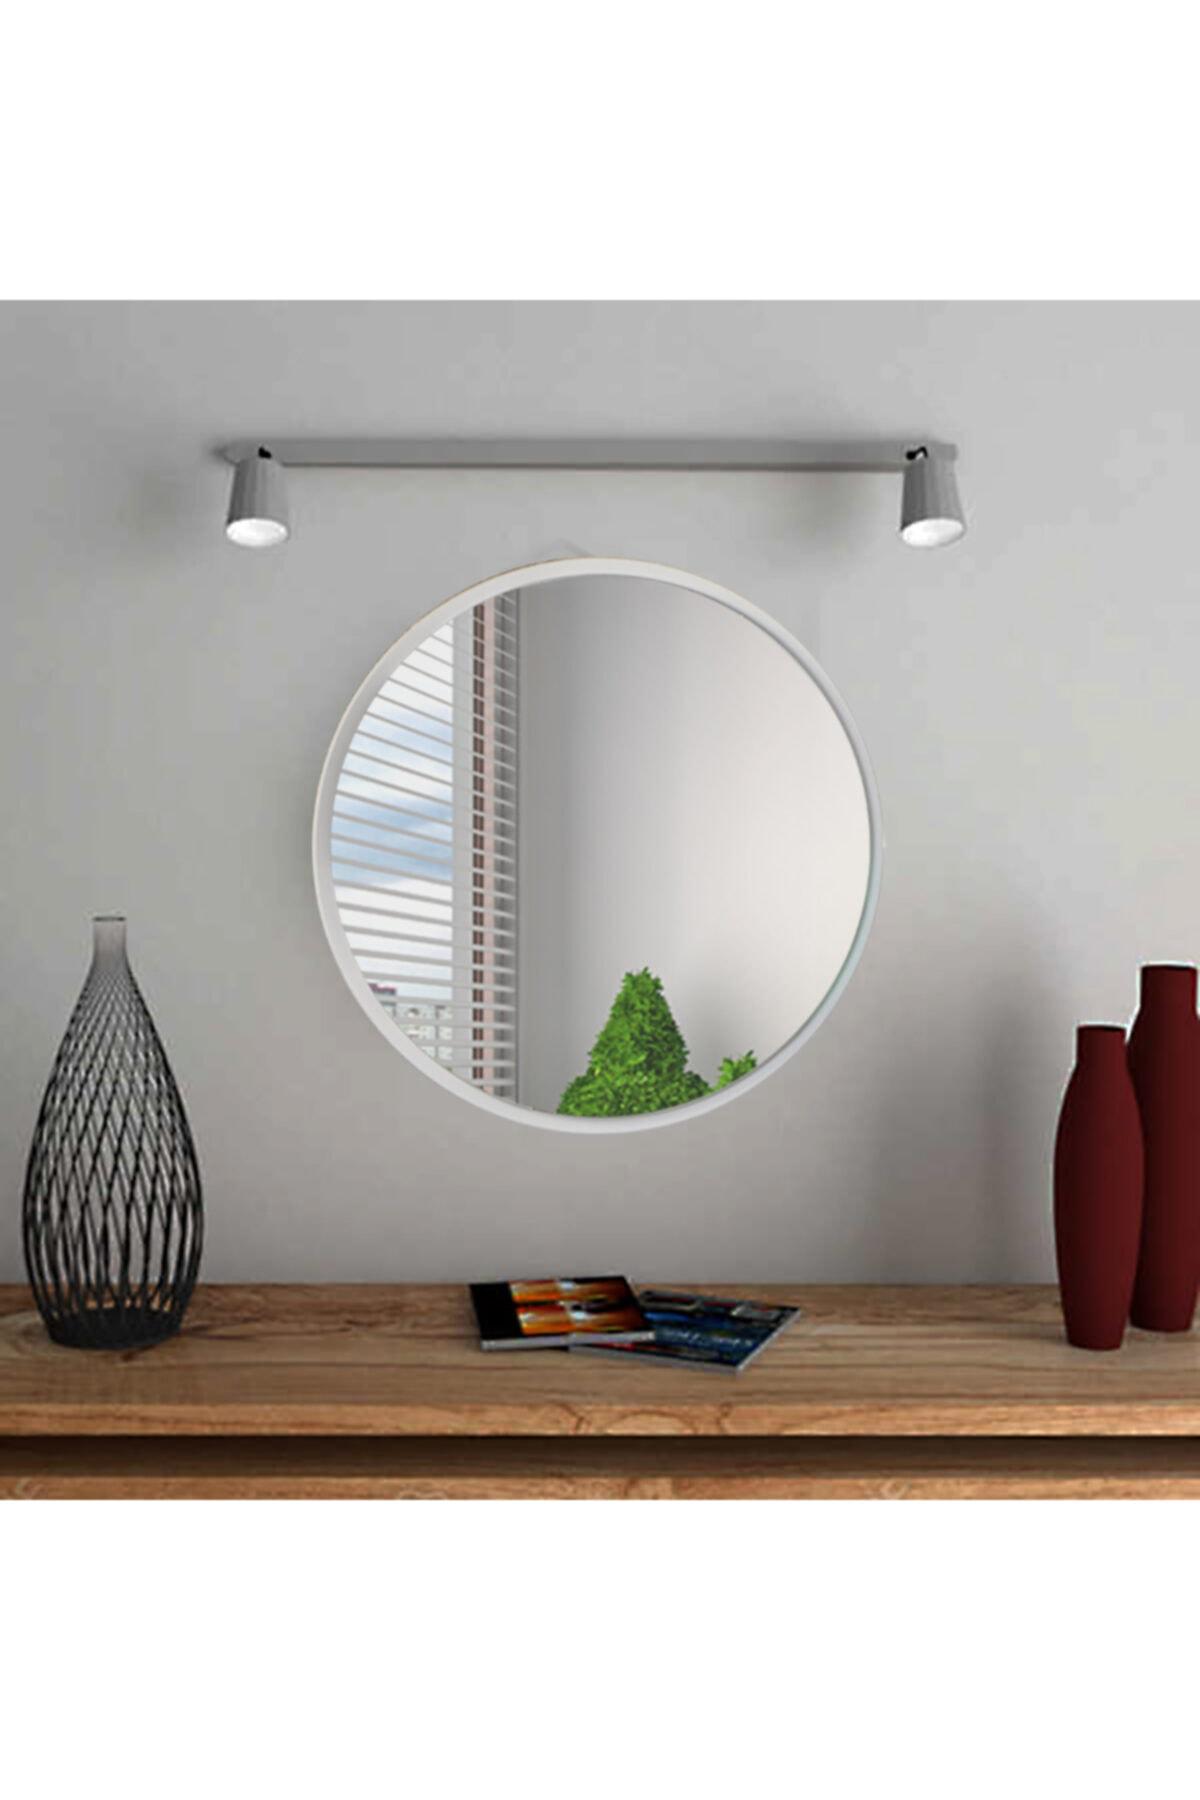 bluecape Yuvarlak Beyaz Duvar Salon Ofis Aynası 60cm 2